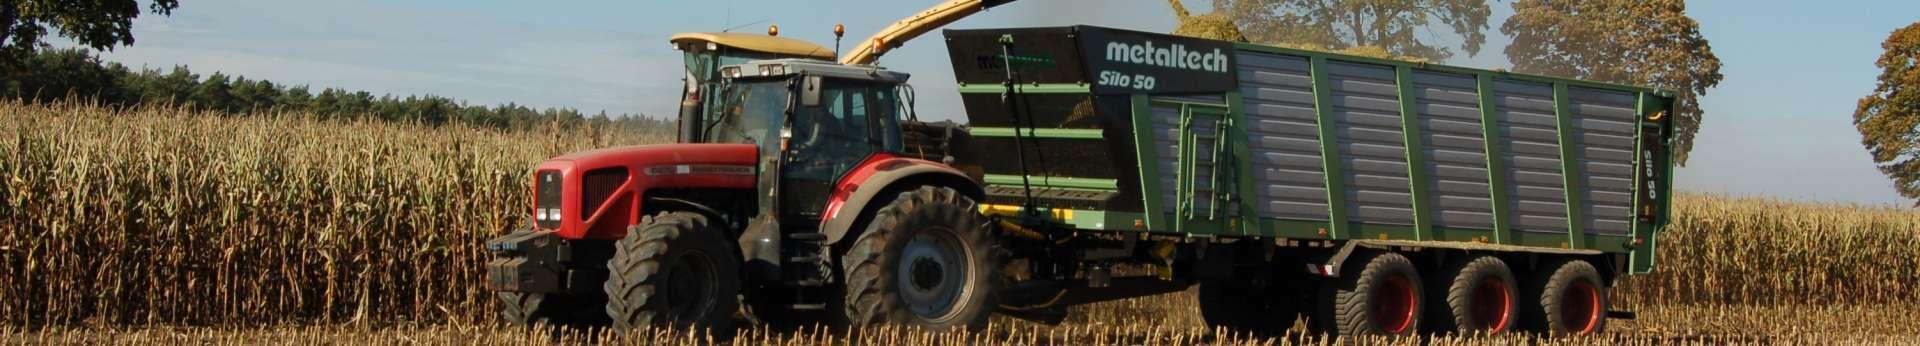 Ciąnik rolniczy Massey Ferguson 6270 z przyczepą Metaltech Mirosławiec Silo pracujący w polu przy kukurydzy